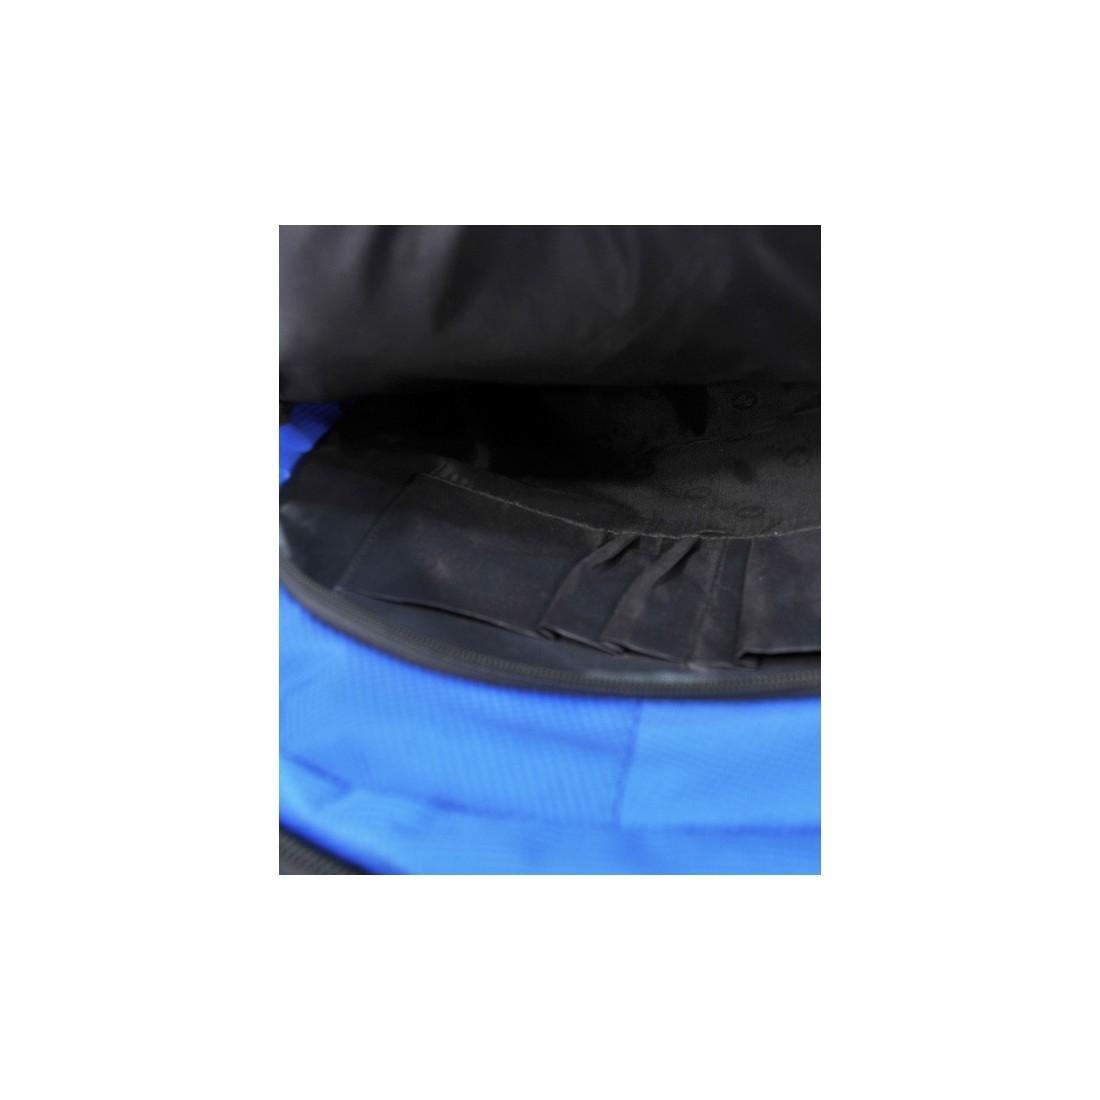 Plecak młodzieżowy niebieski na laptop - plecak-tornister.pl